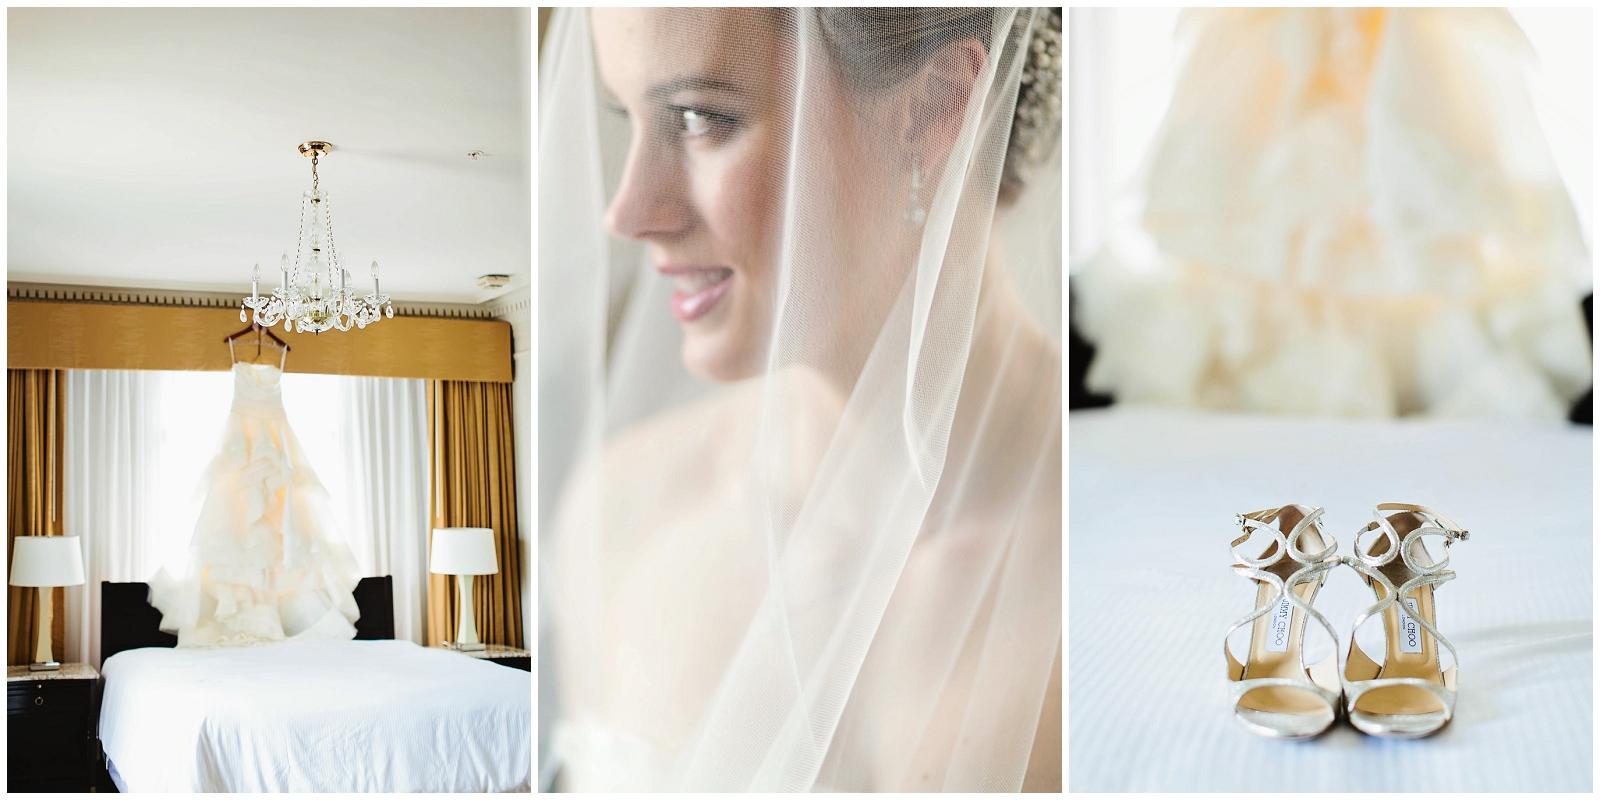 San-Francisco-Bay-Area-Wedding-Photography-Julia-Morgan-Ballroom-2.jpg